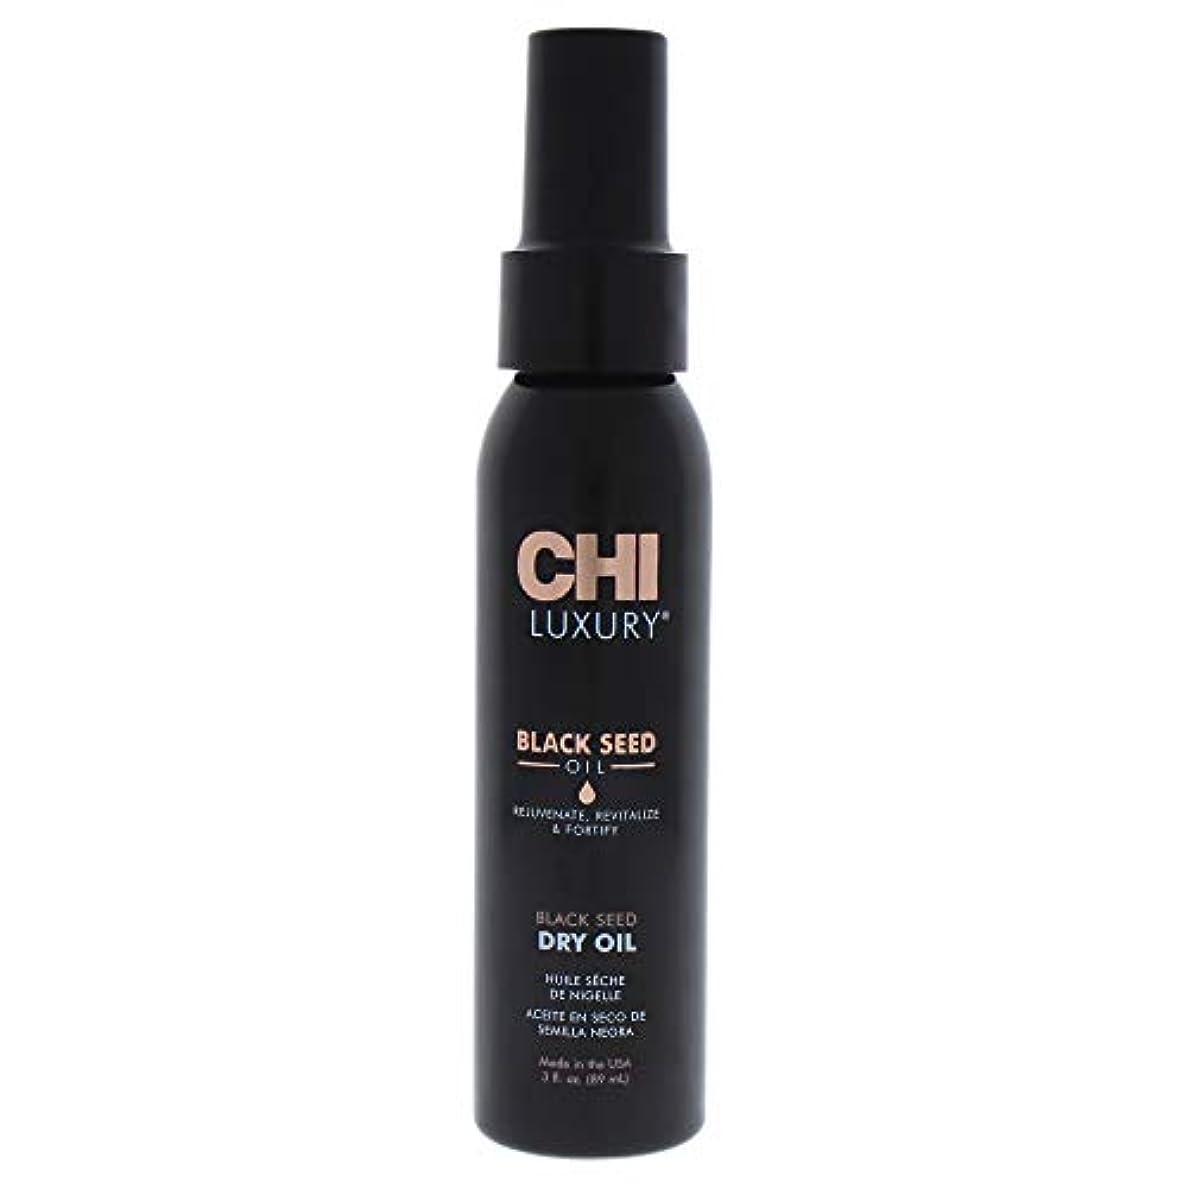 のど擬人化虫CHI Luxury Black Seed Oil Black Seed Dry Oil 89ml/3oz並行輸入品